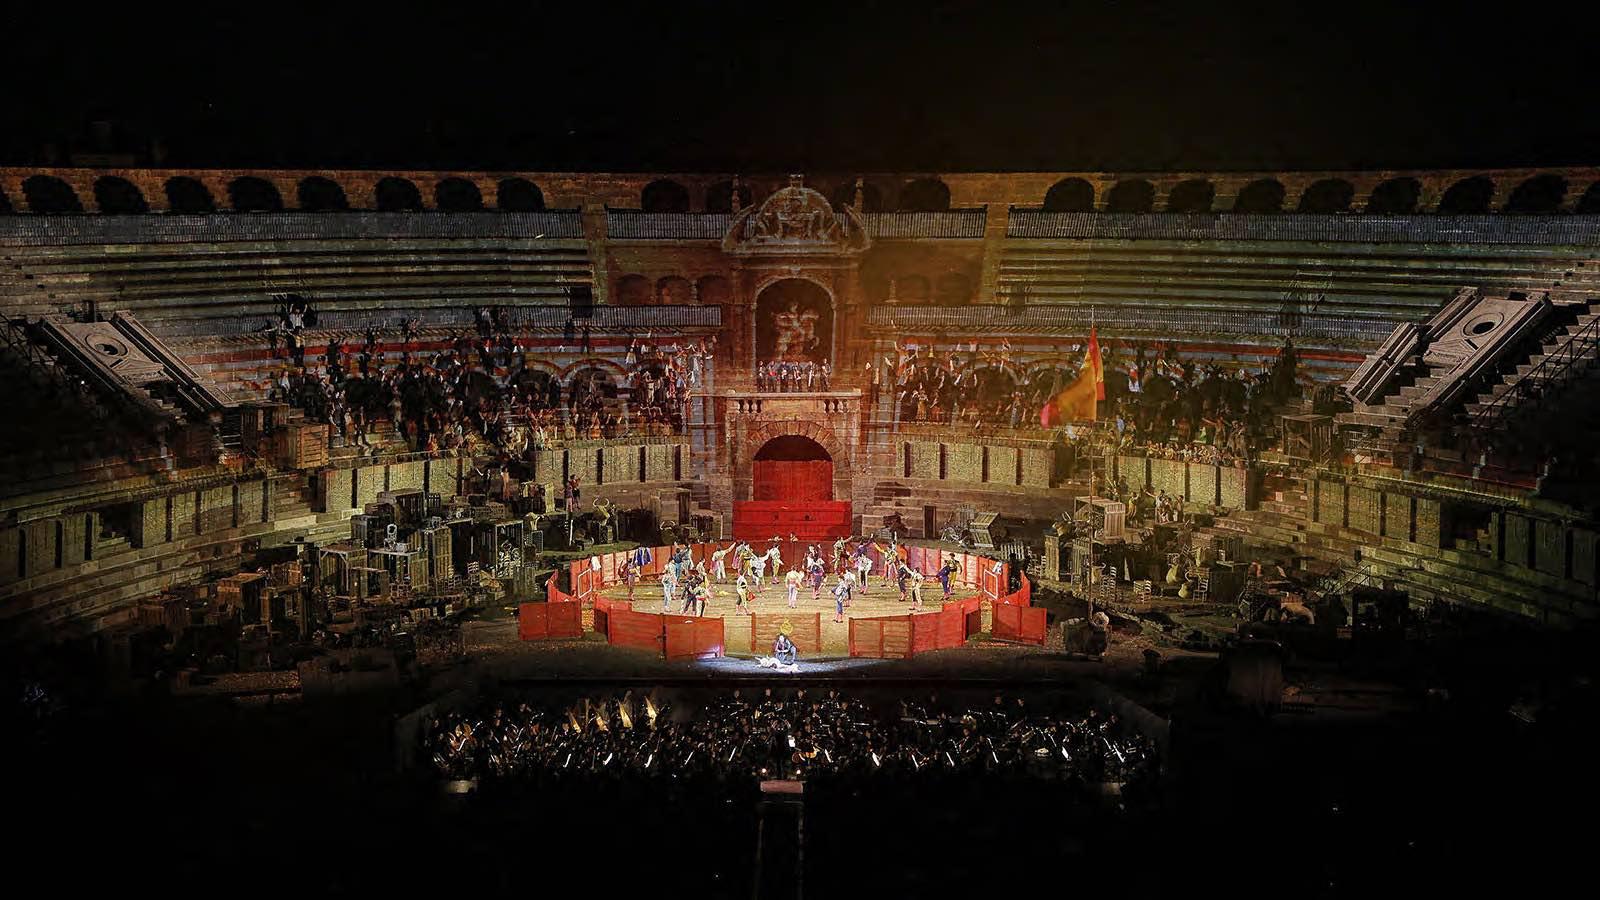 Calendario Arena Verona 2020.Carmen 97 Festival Lirico Arena Di Verona 2019 Carnet